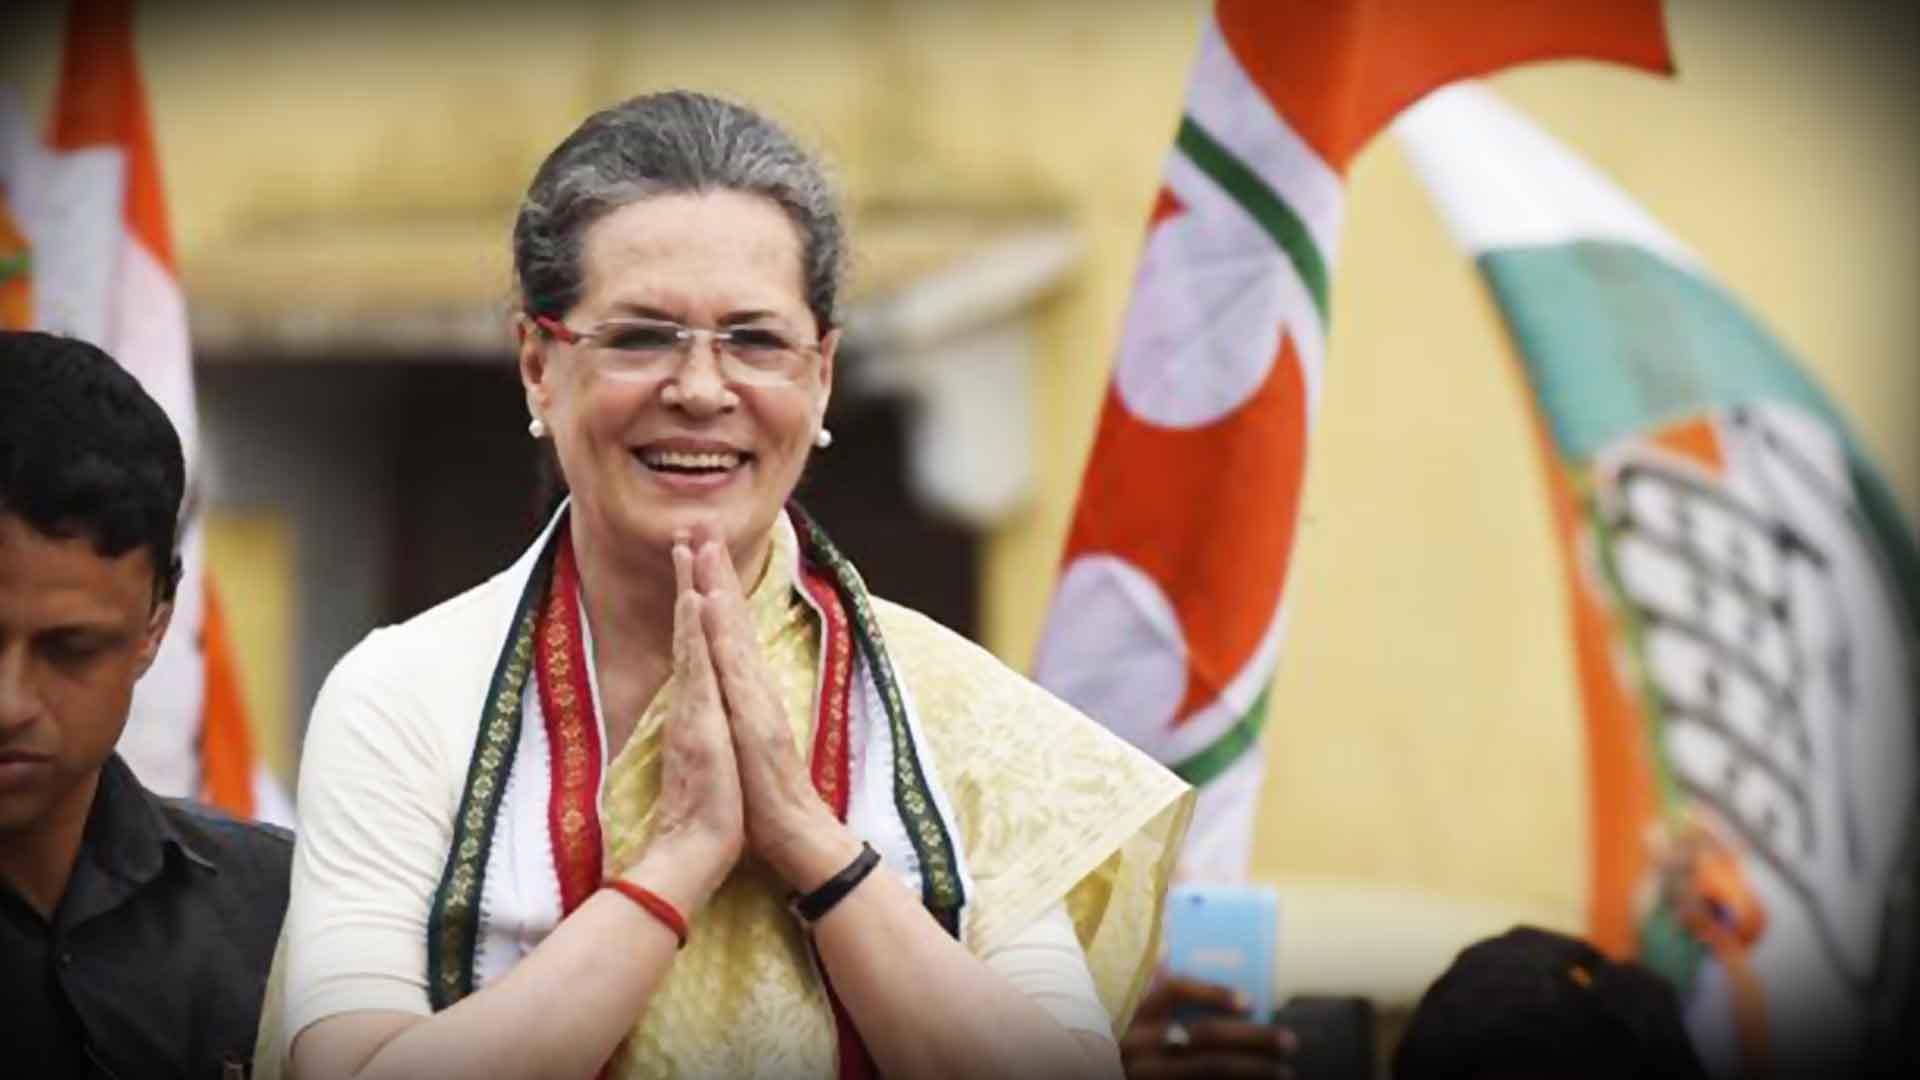 शर्मनाक बताया सोनिया गाँधी ने महारष्ट्र में शिव सेना सरकार विफल करने का भाजपा का मंसूबा